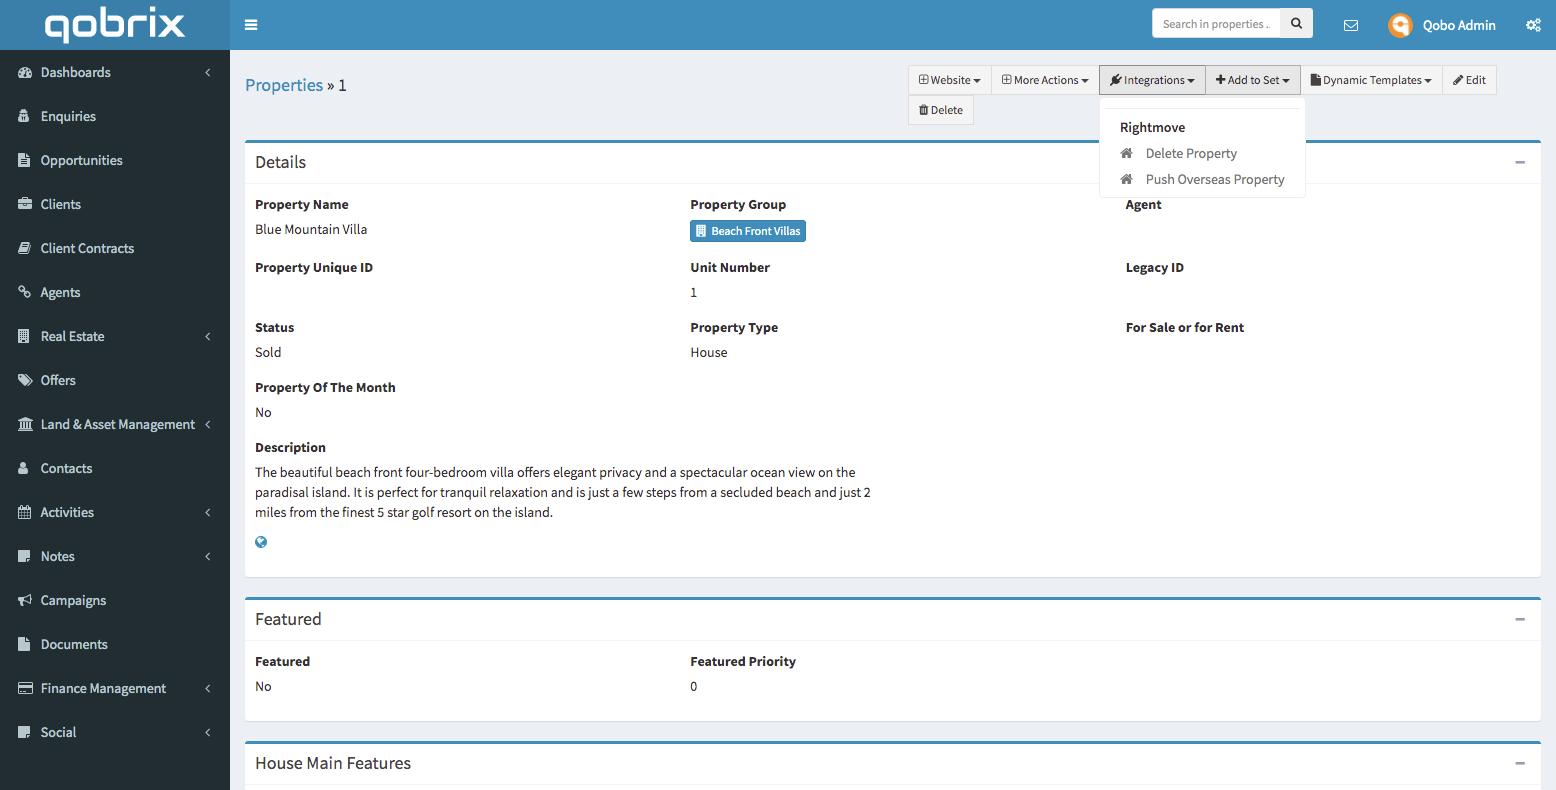 Qobrix Properties MLS integration tool